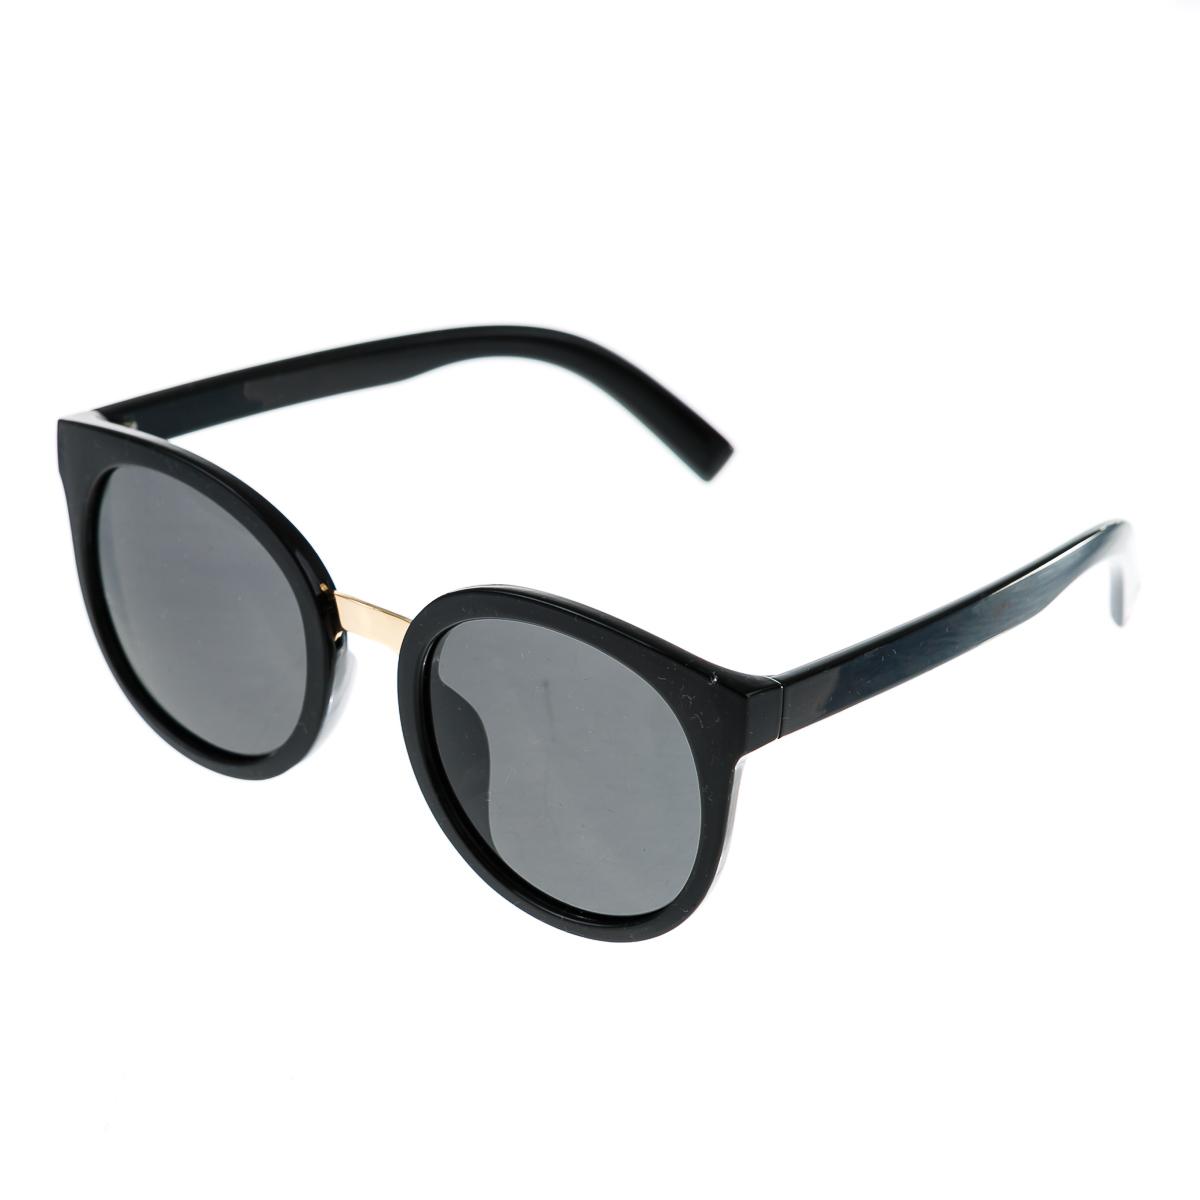 Очки в черной толстой оправе с золотой перепонкой с темными стеклами и толстыми черными дужками